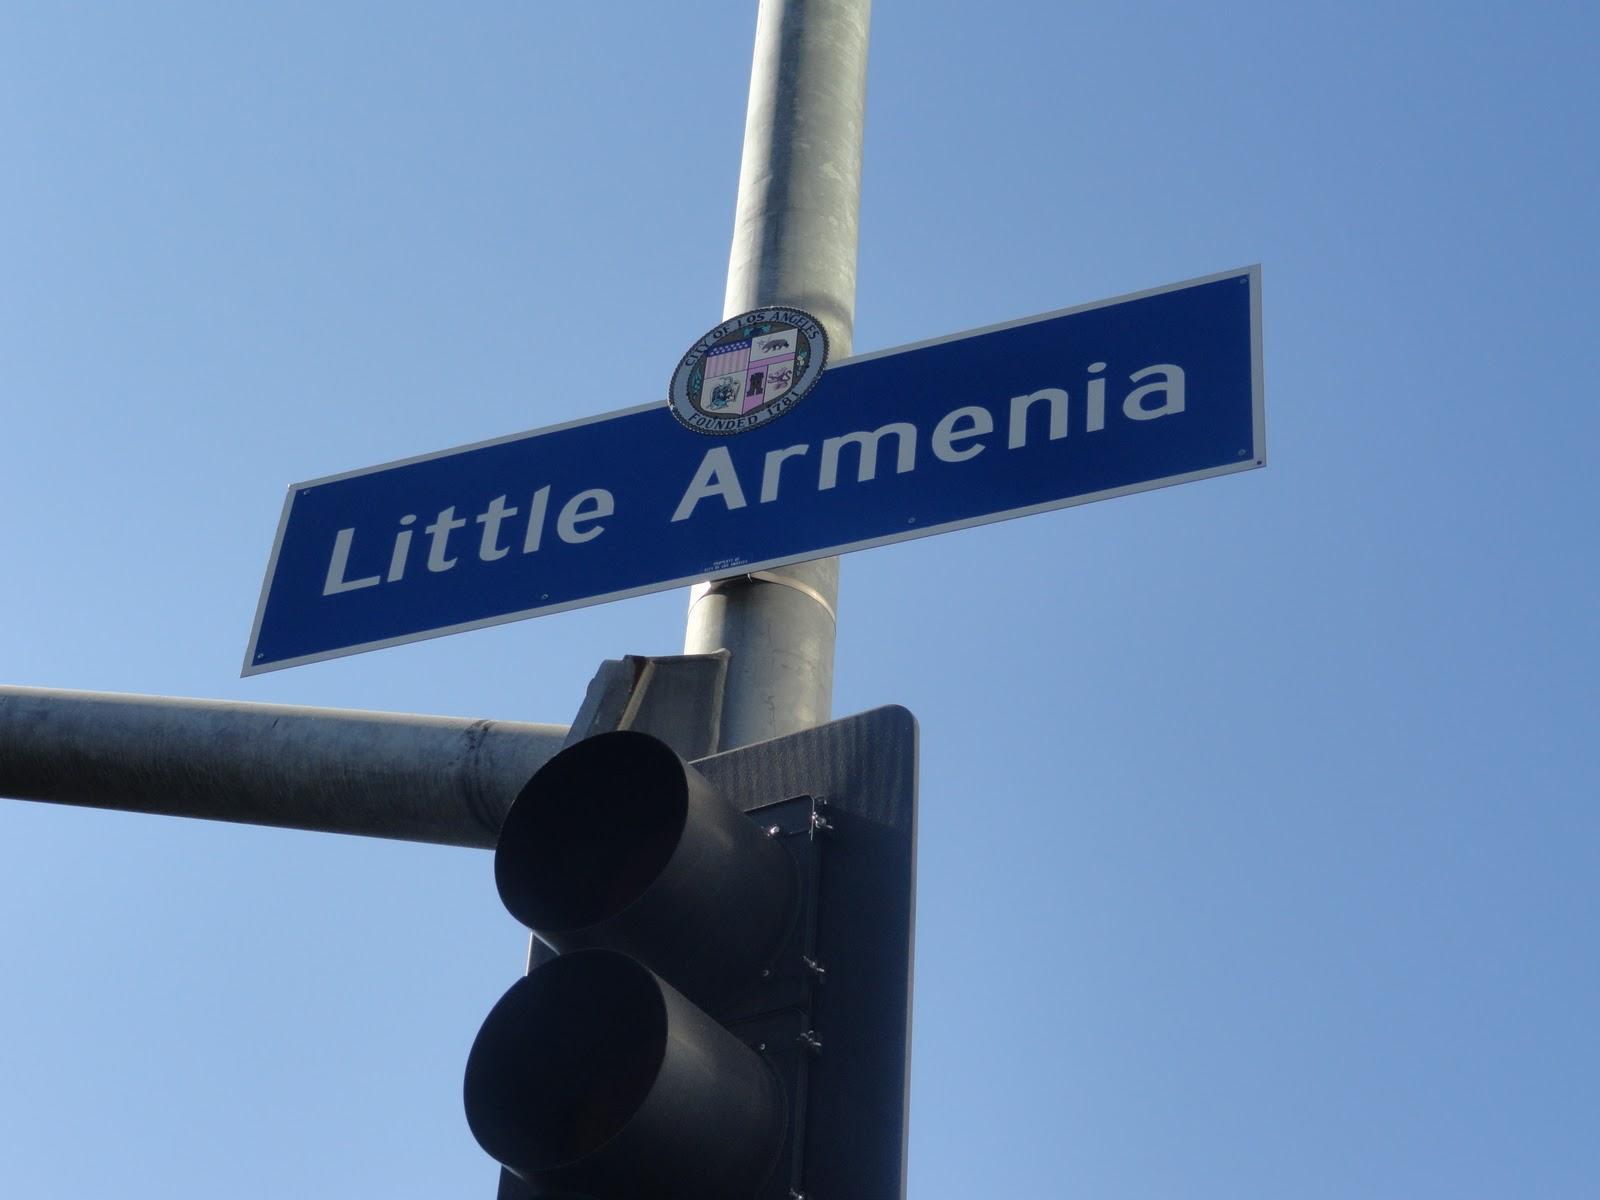 LittleArmenia